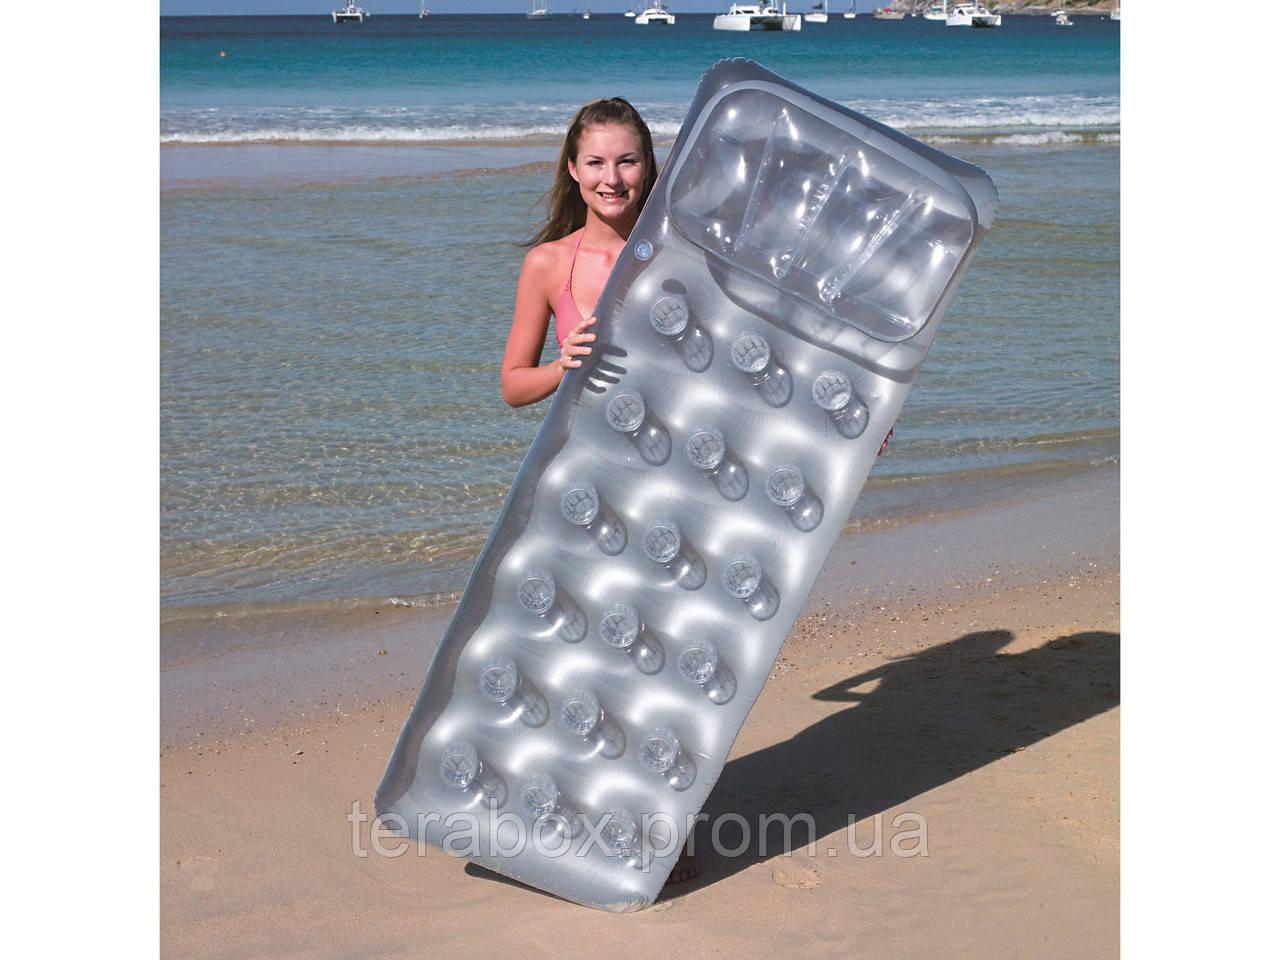 Надувной матрас для плавания  магазине